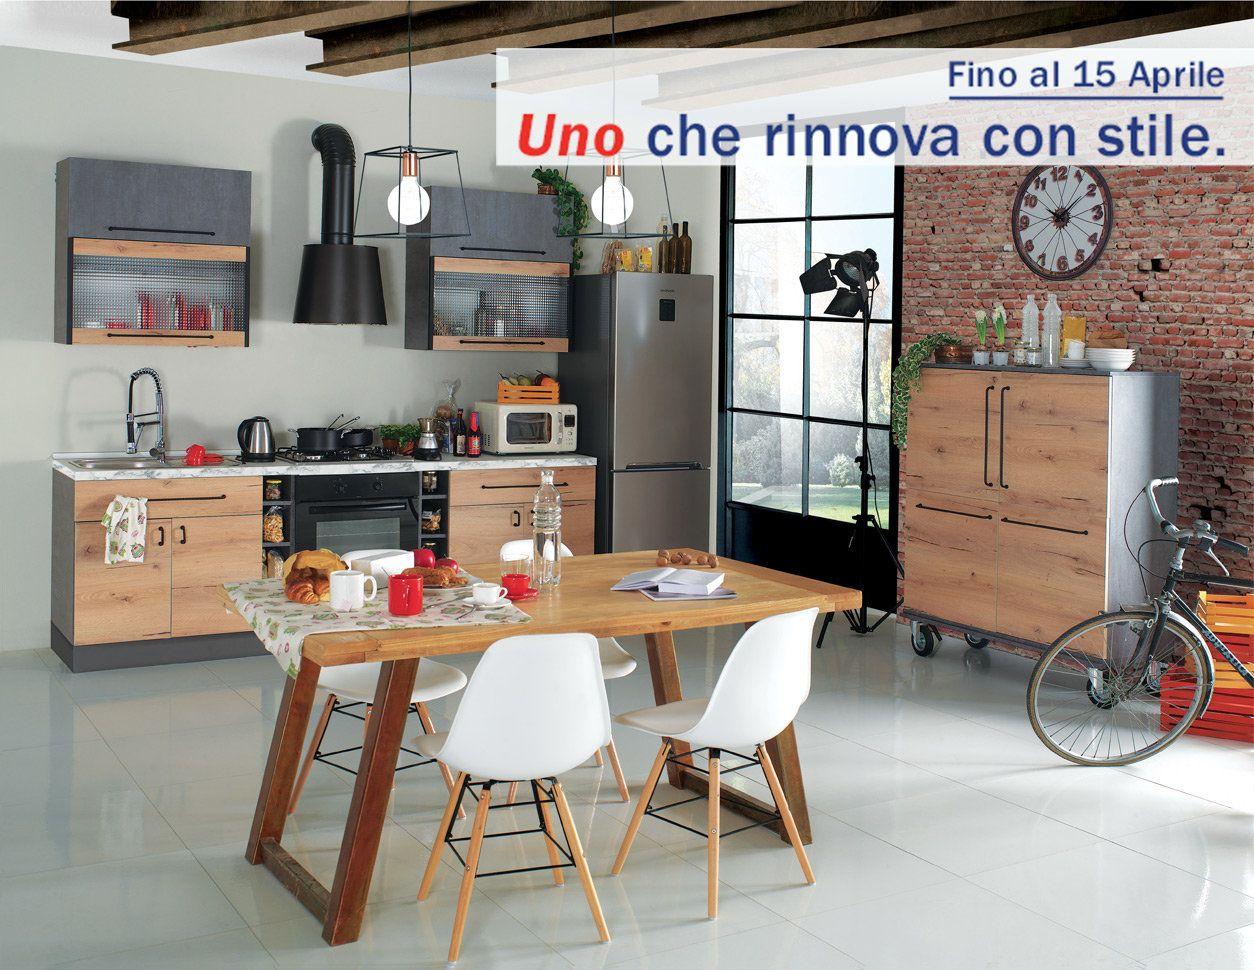 Tavoli E Sedie Mercatone Uno.Mobili Arredamento Casa Ed Elettrodomestici Mercatone Uno Home